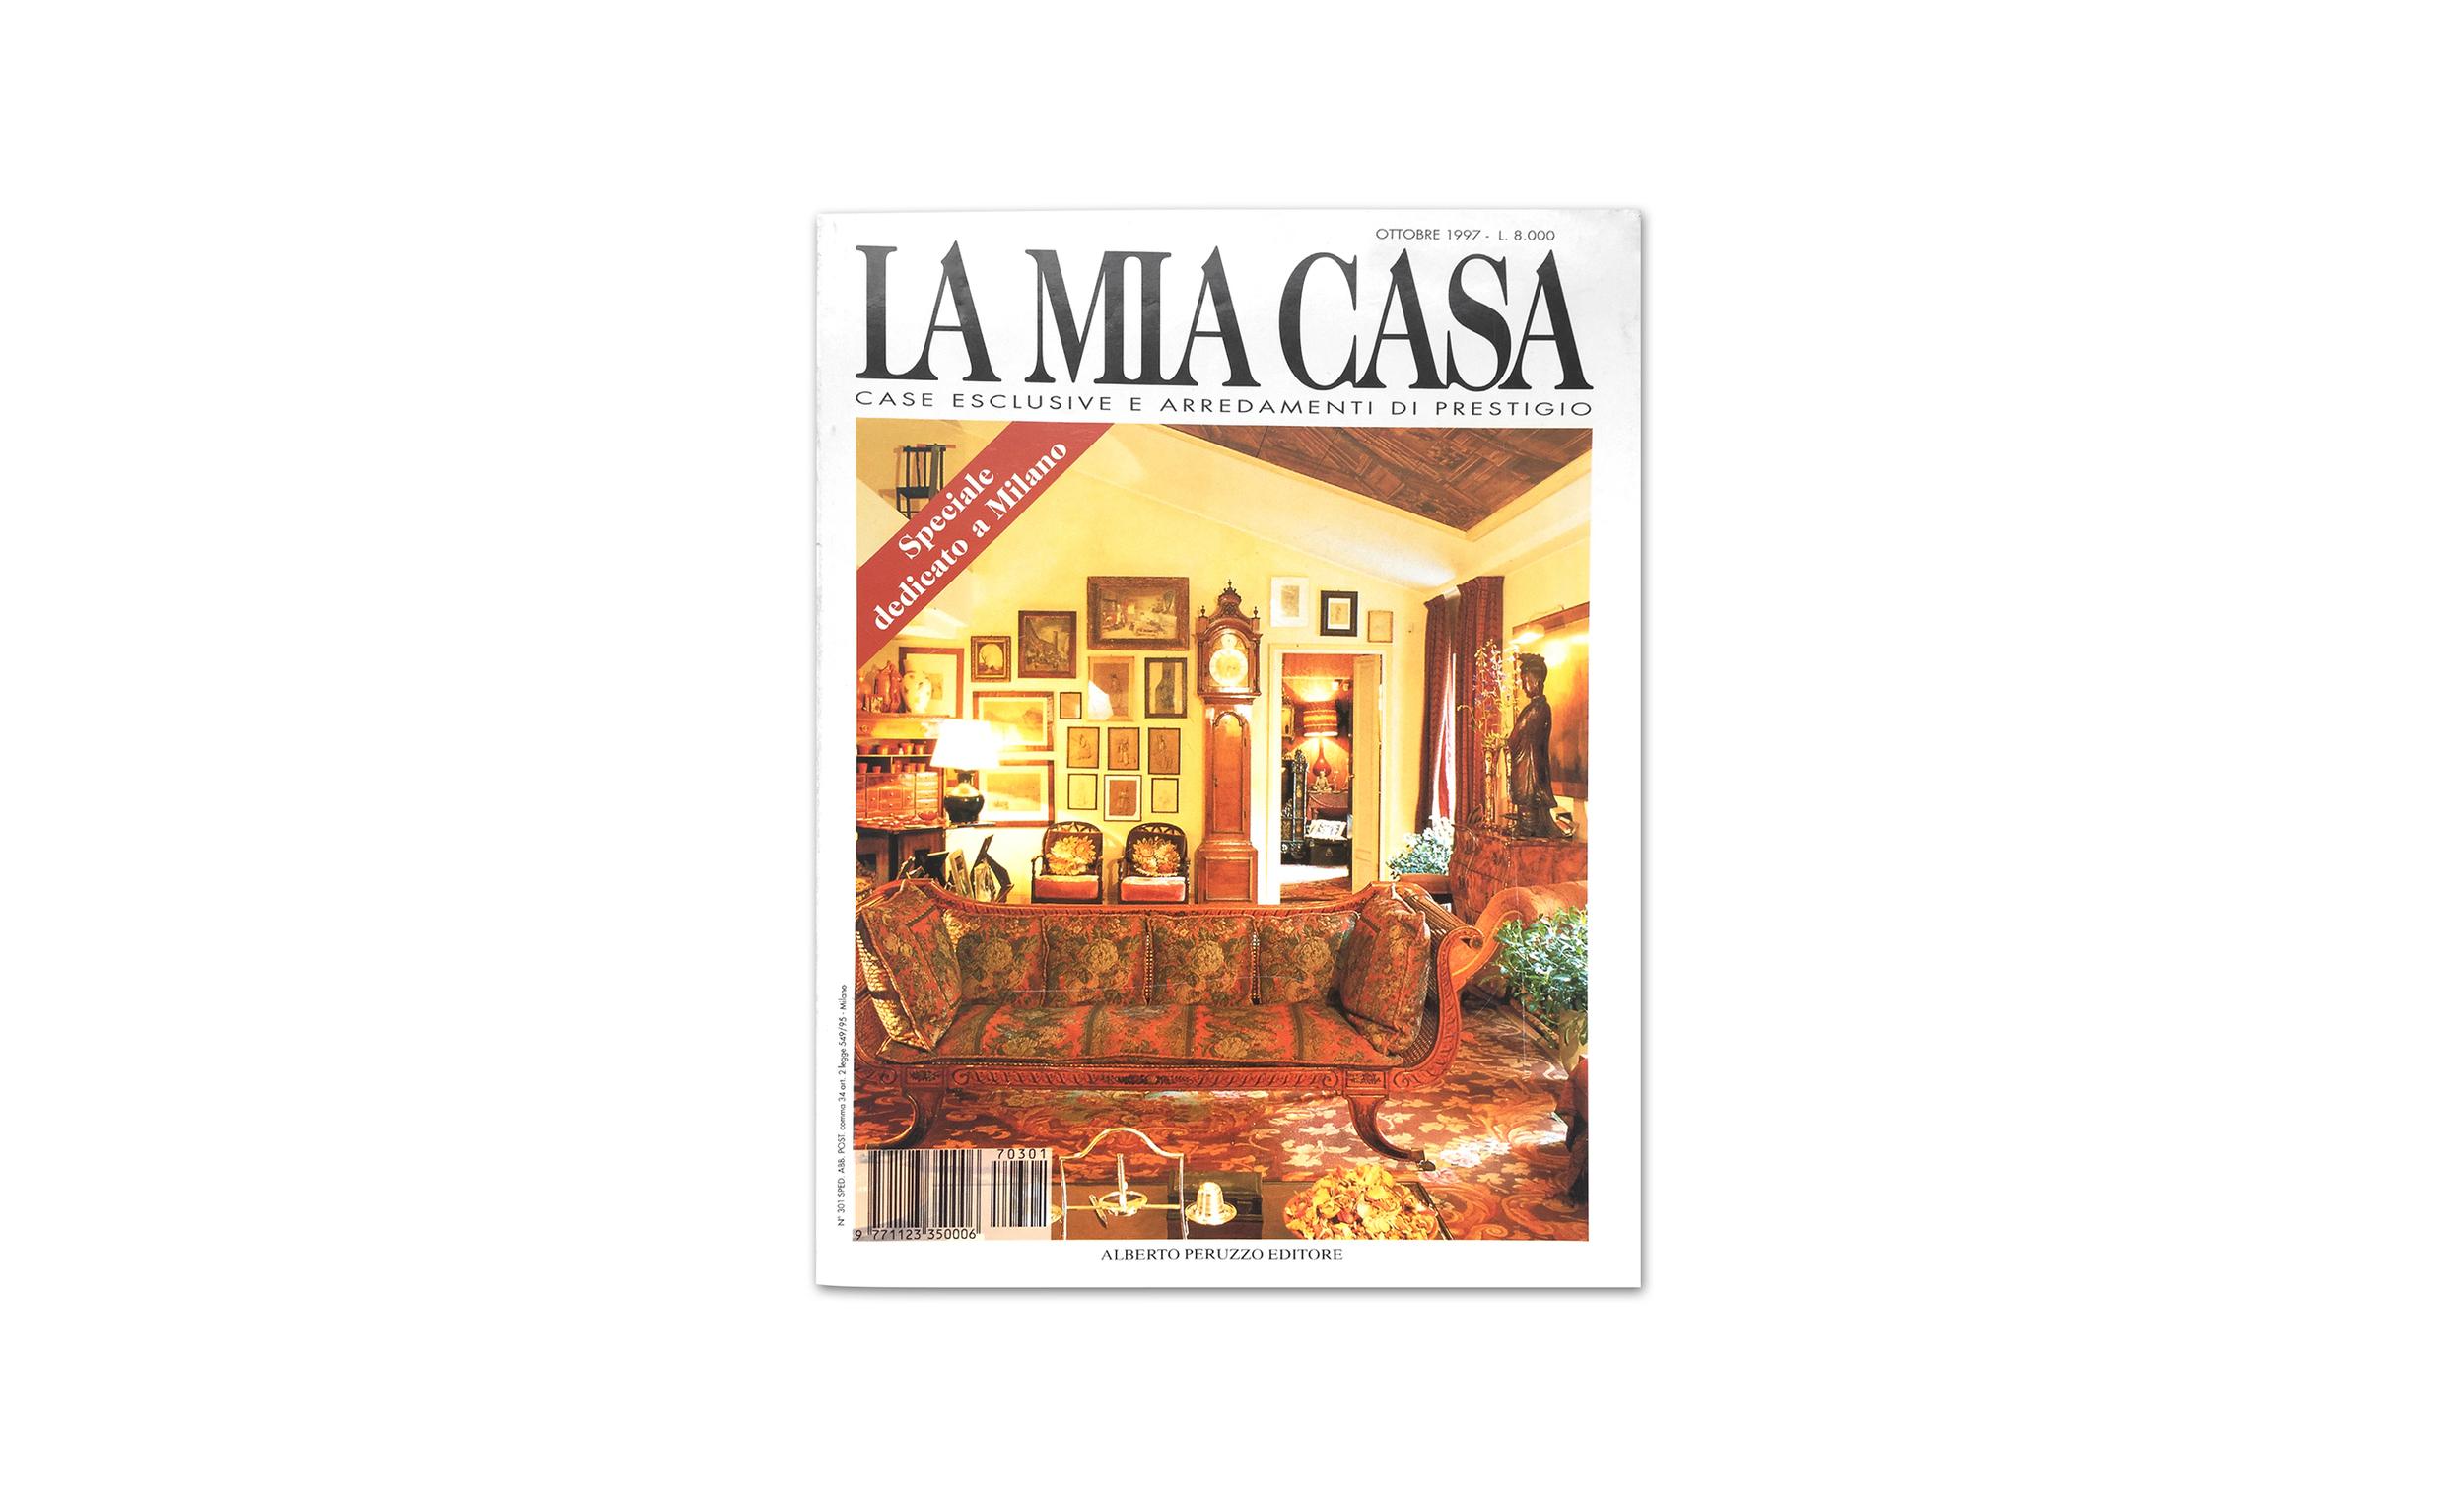 La Mia Casa 1997 COVER.jpg